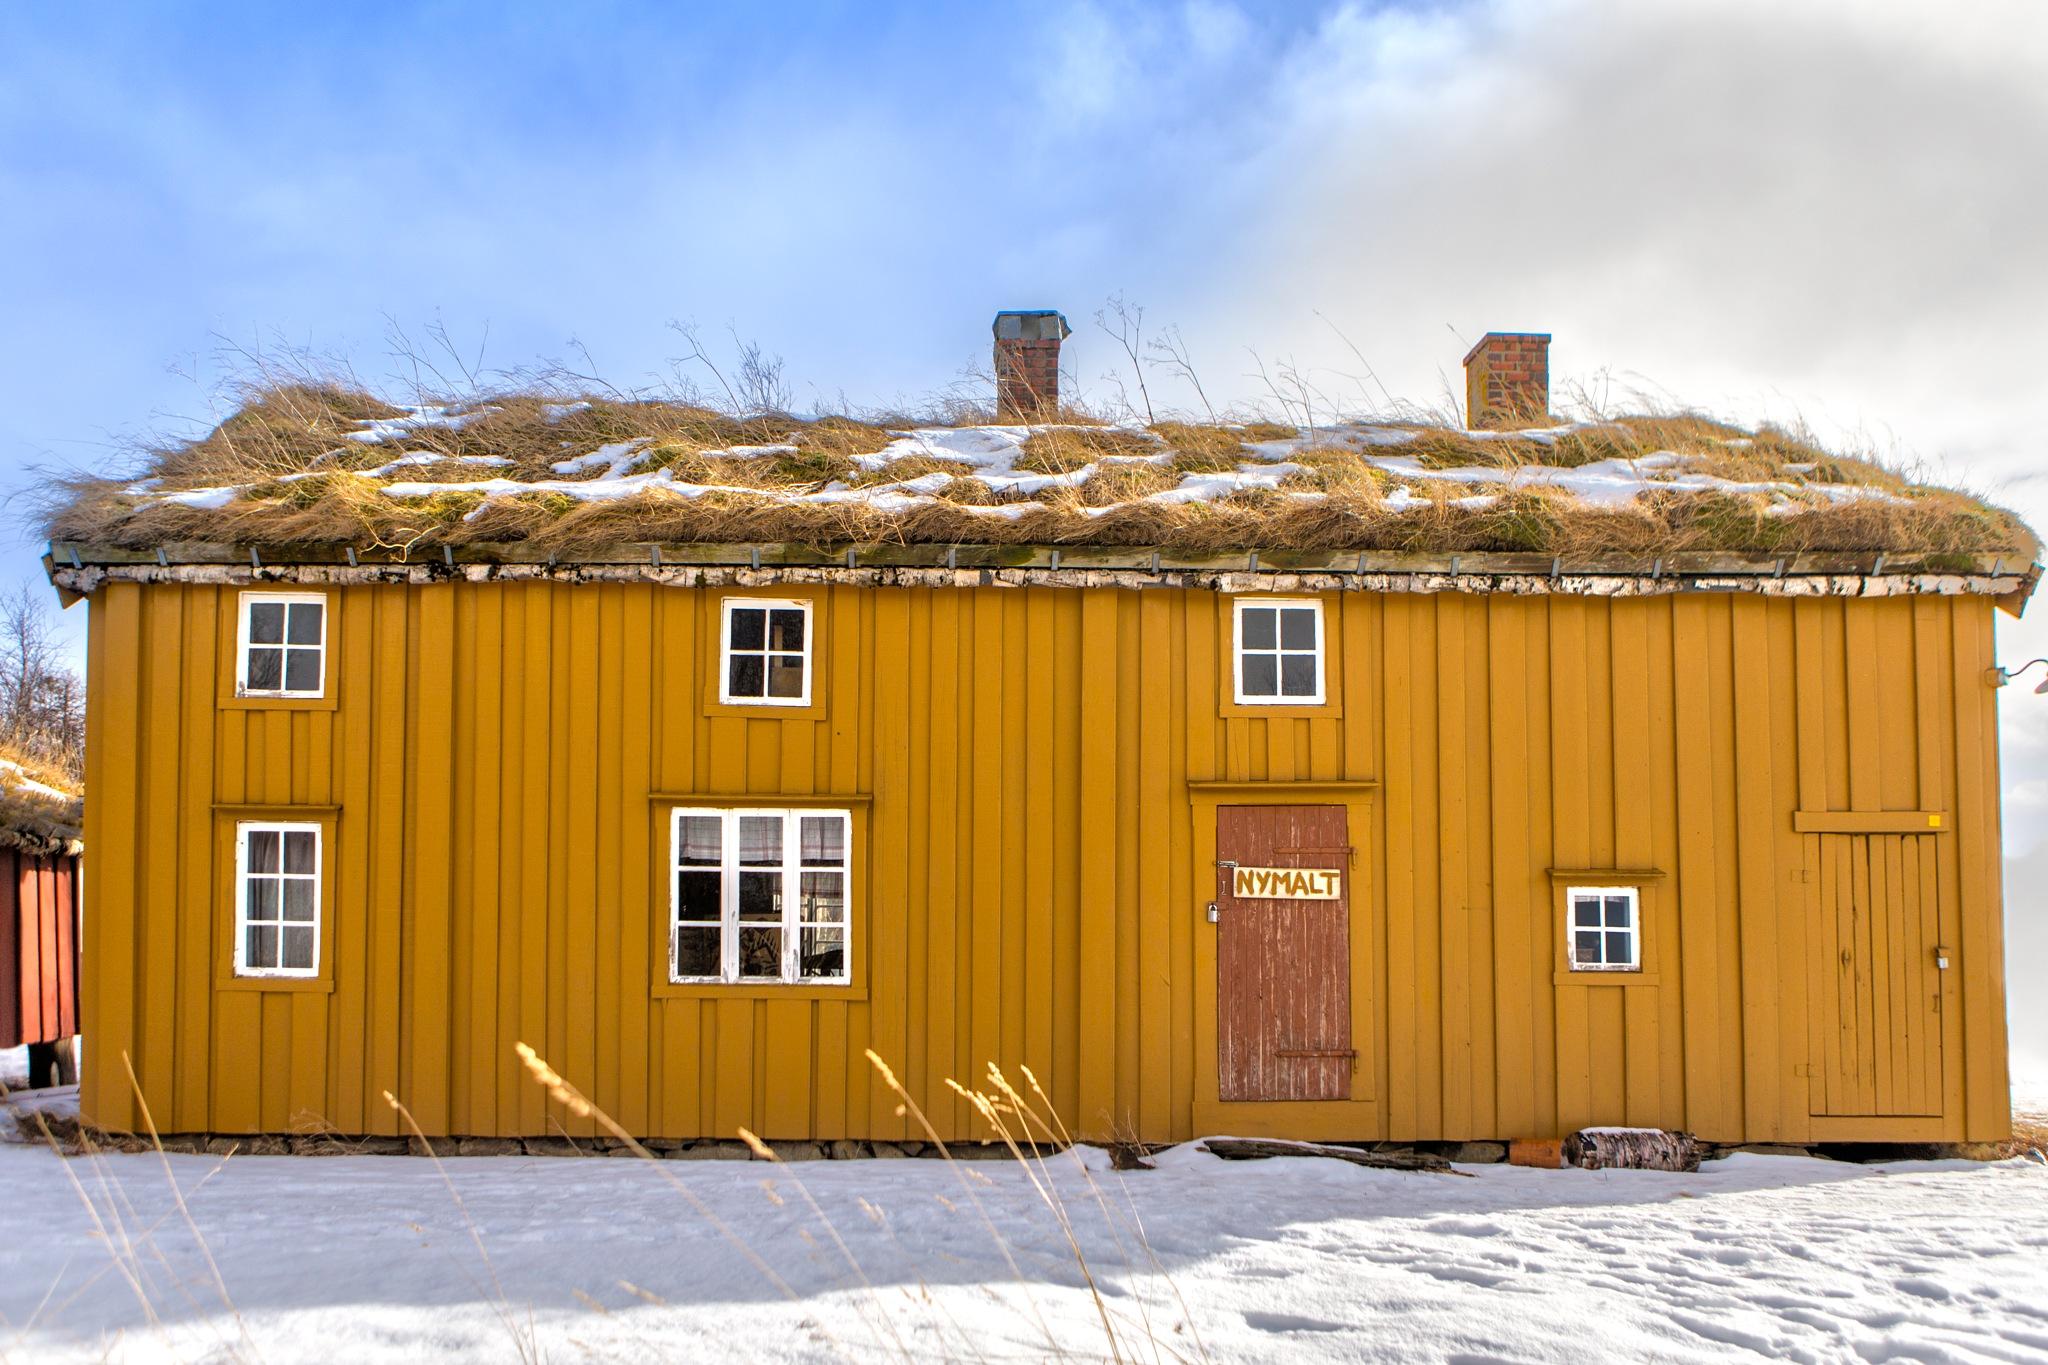 Bodøsjøen friluftsmuseum ツ by Odd Rune Wang